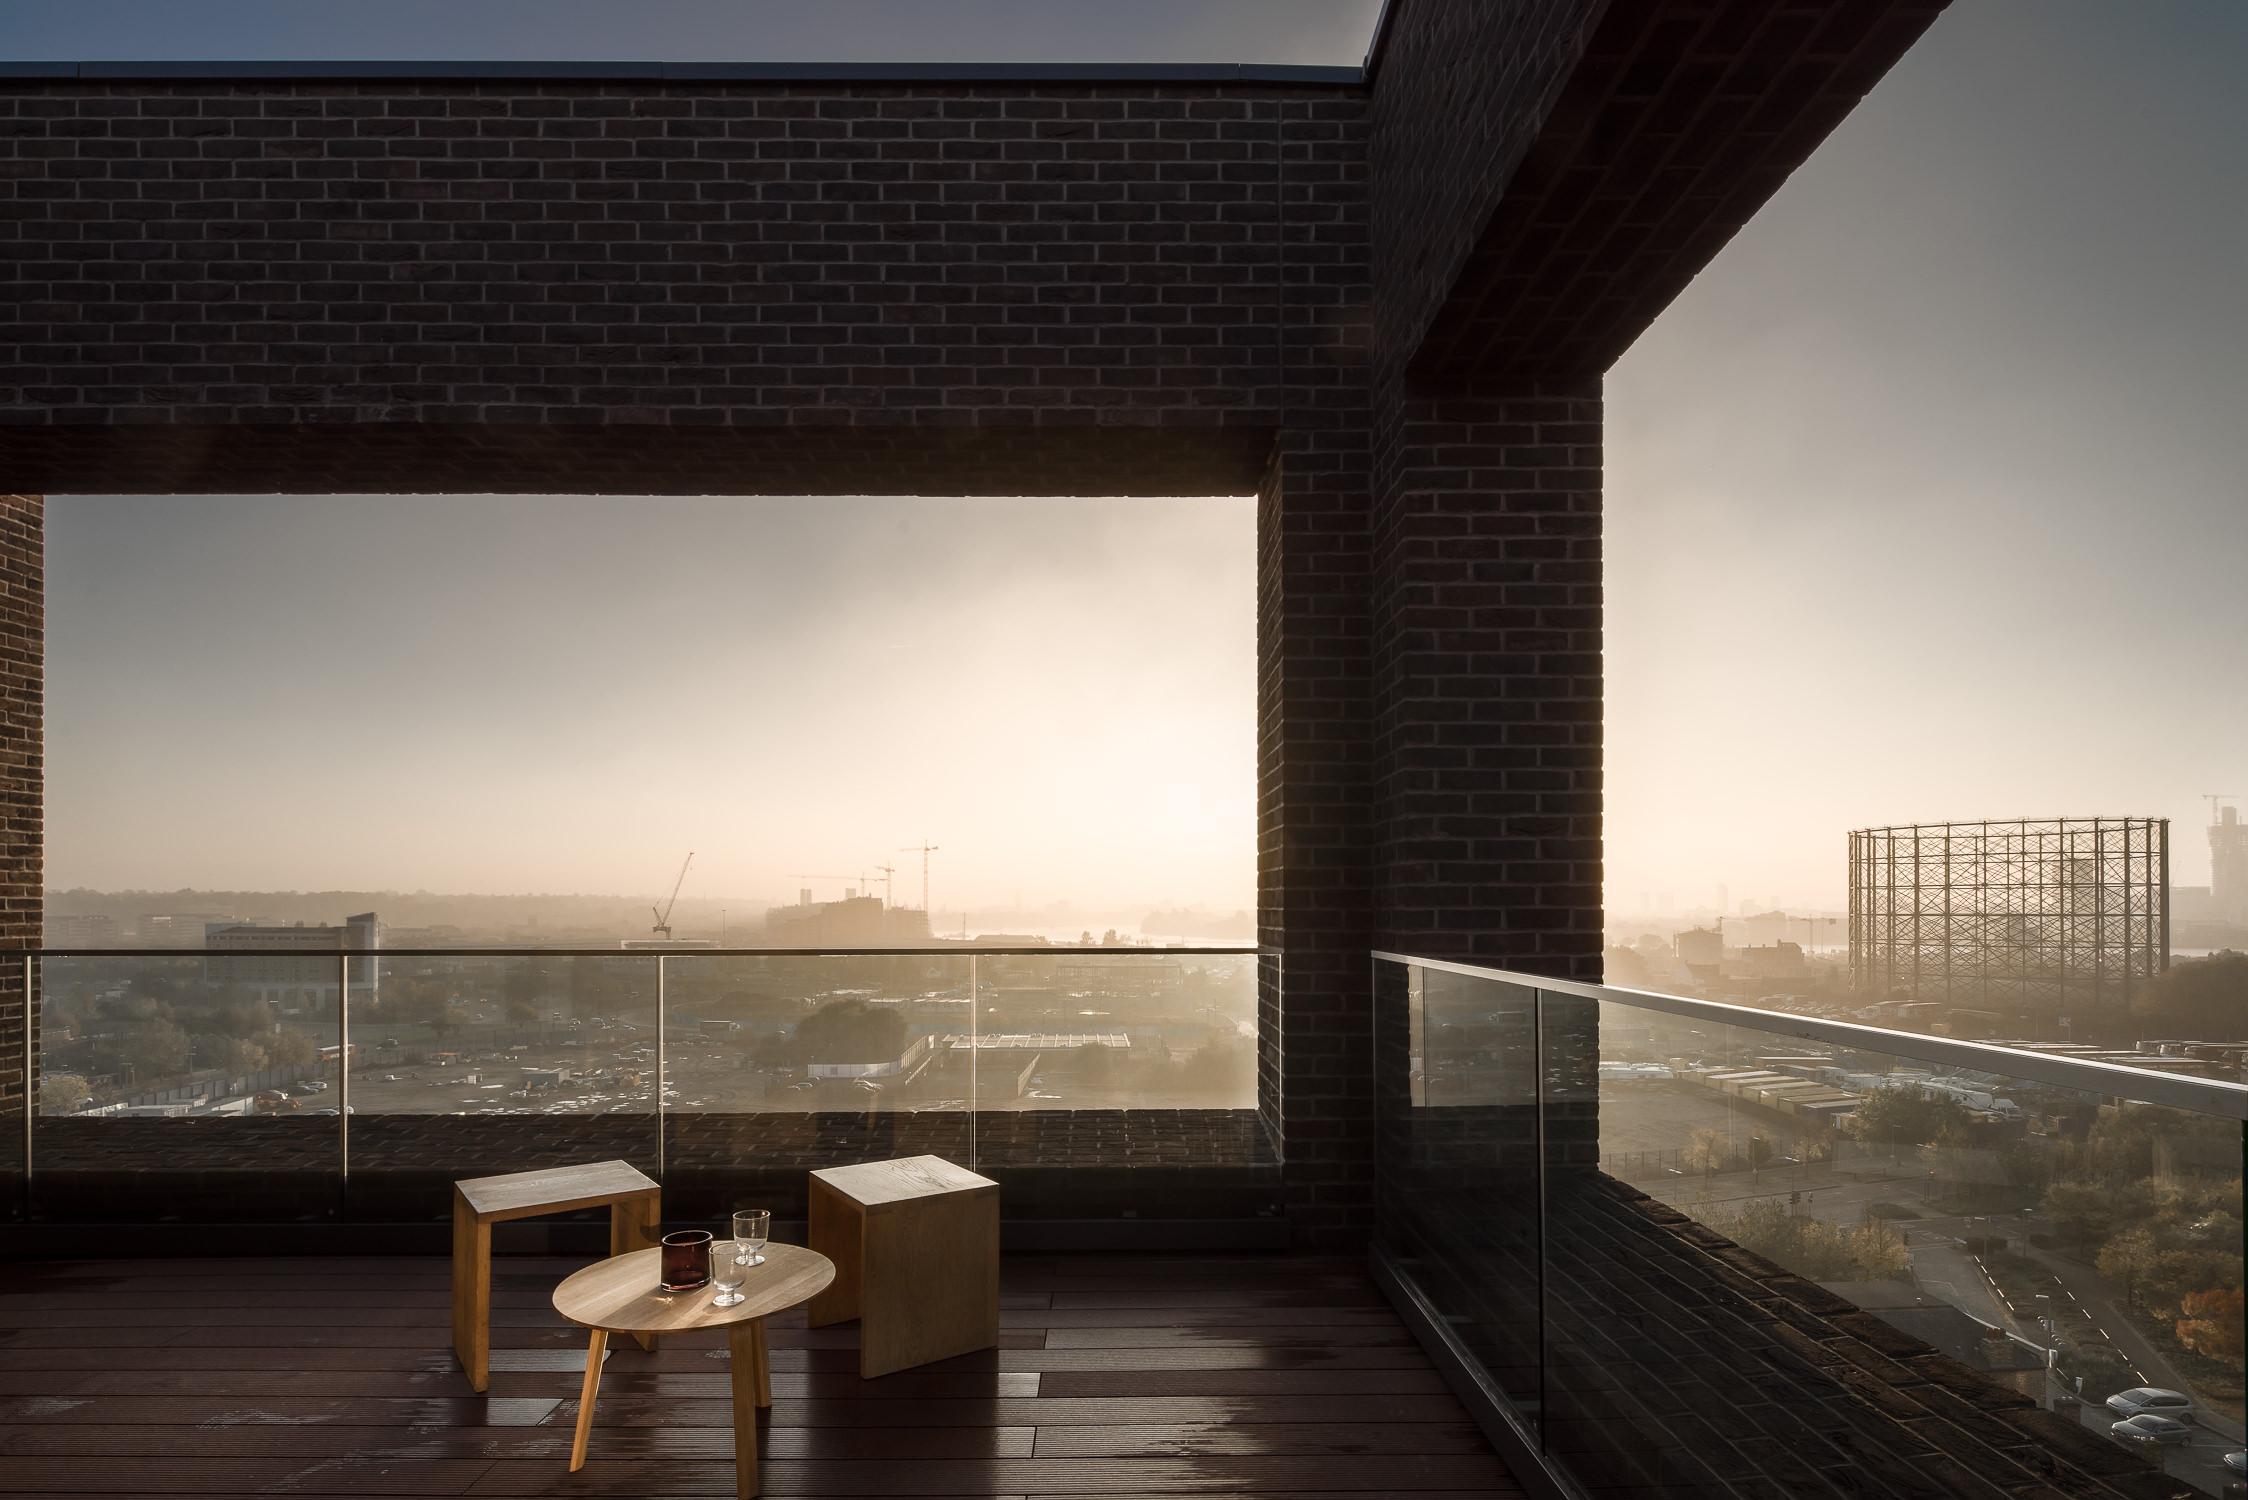 mark-hadden-architecture-photographer-architectuur-interieur-fotografie-london-amsterdam-cf-moller-greenwich-323.jpg